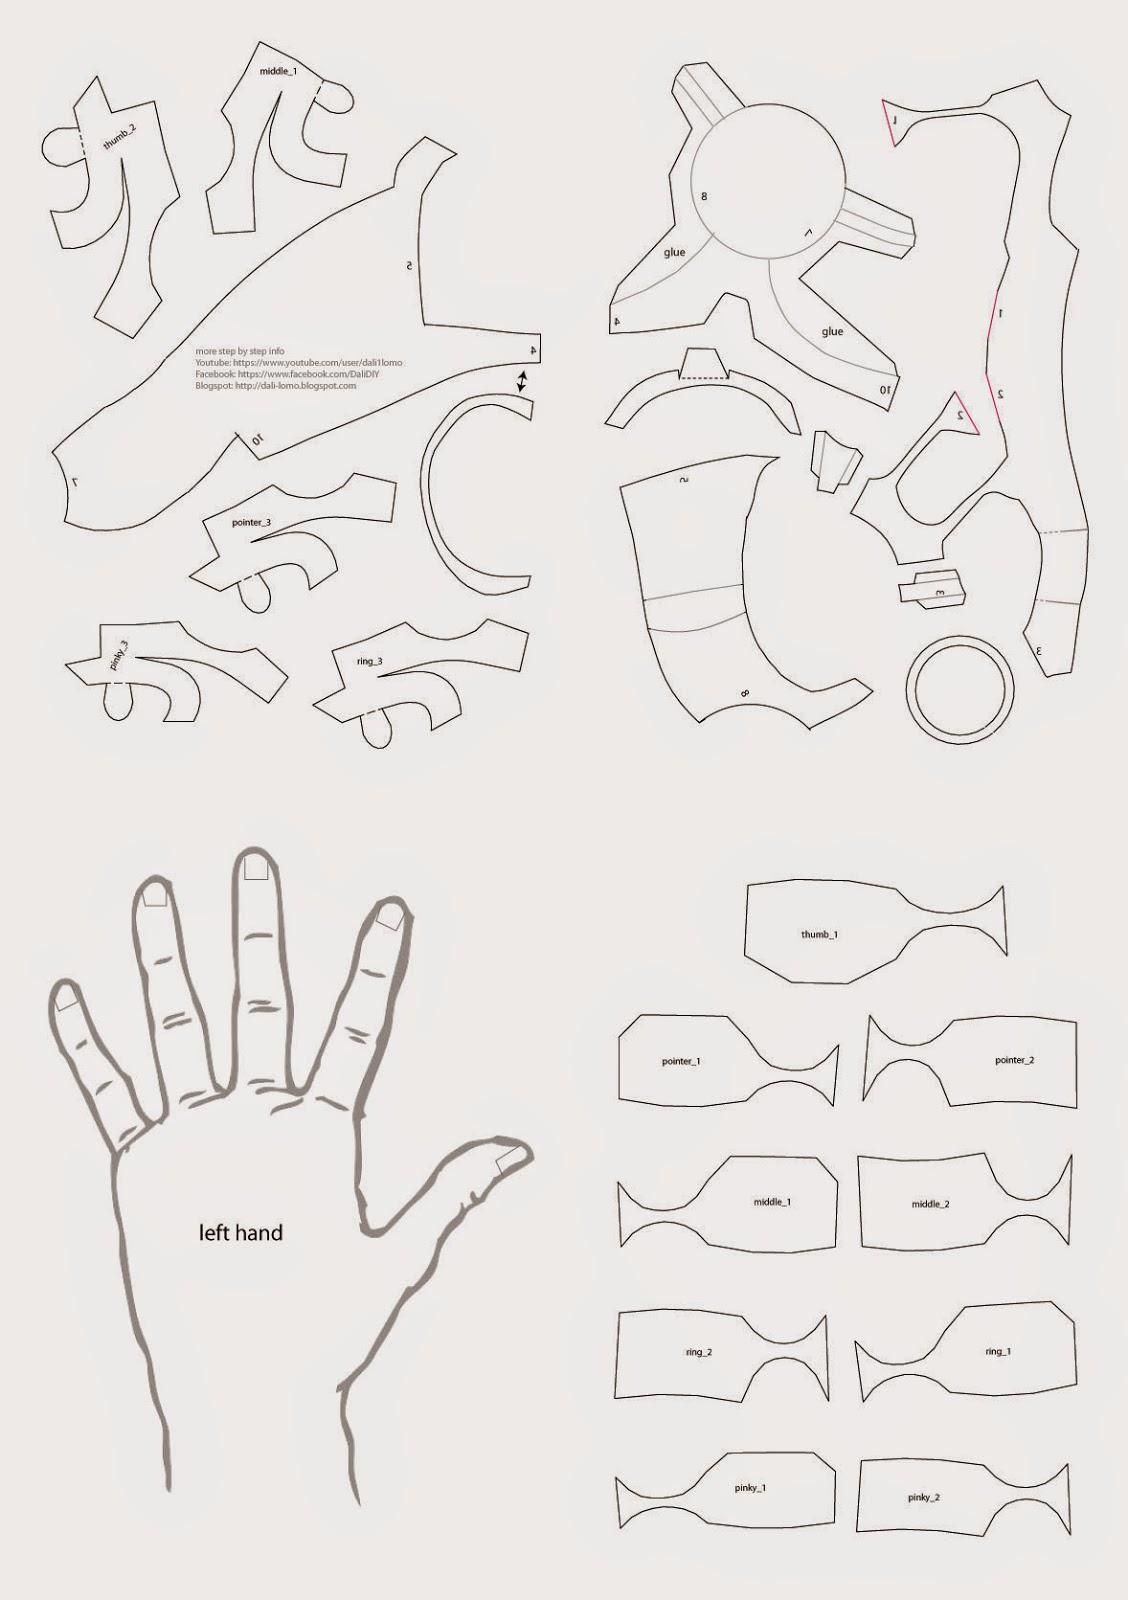 Iron Man Finger Template